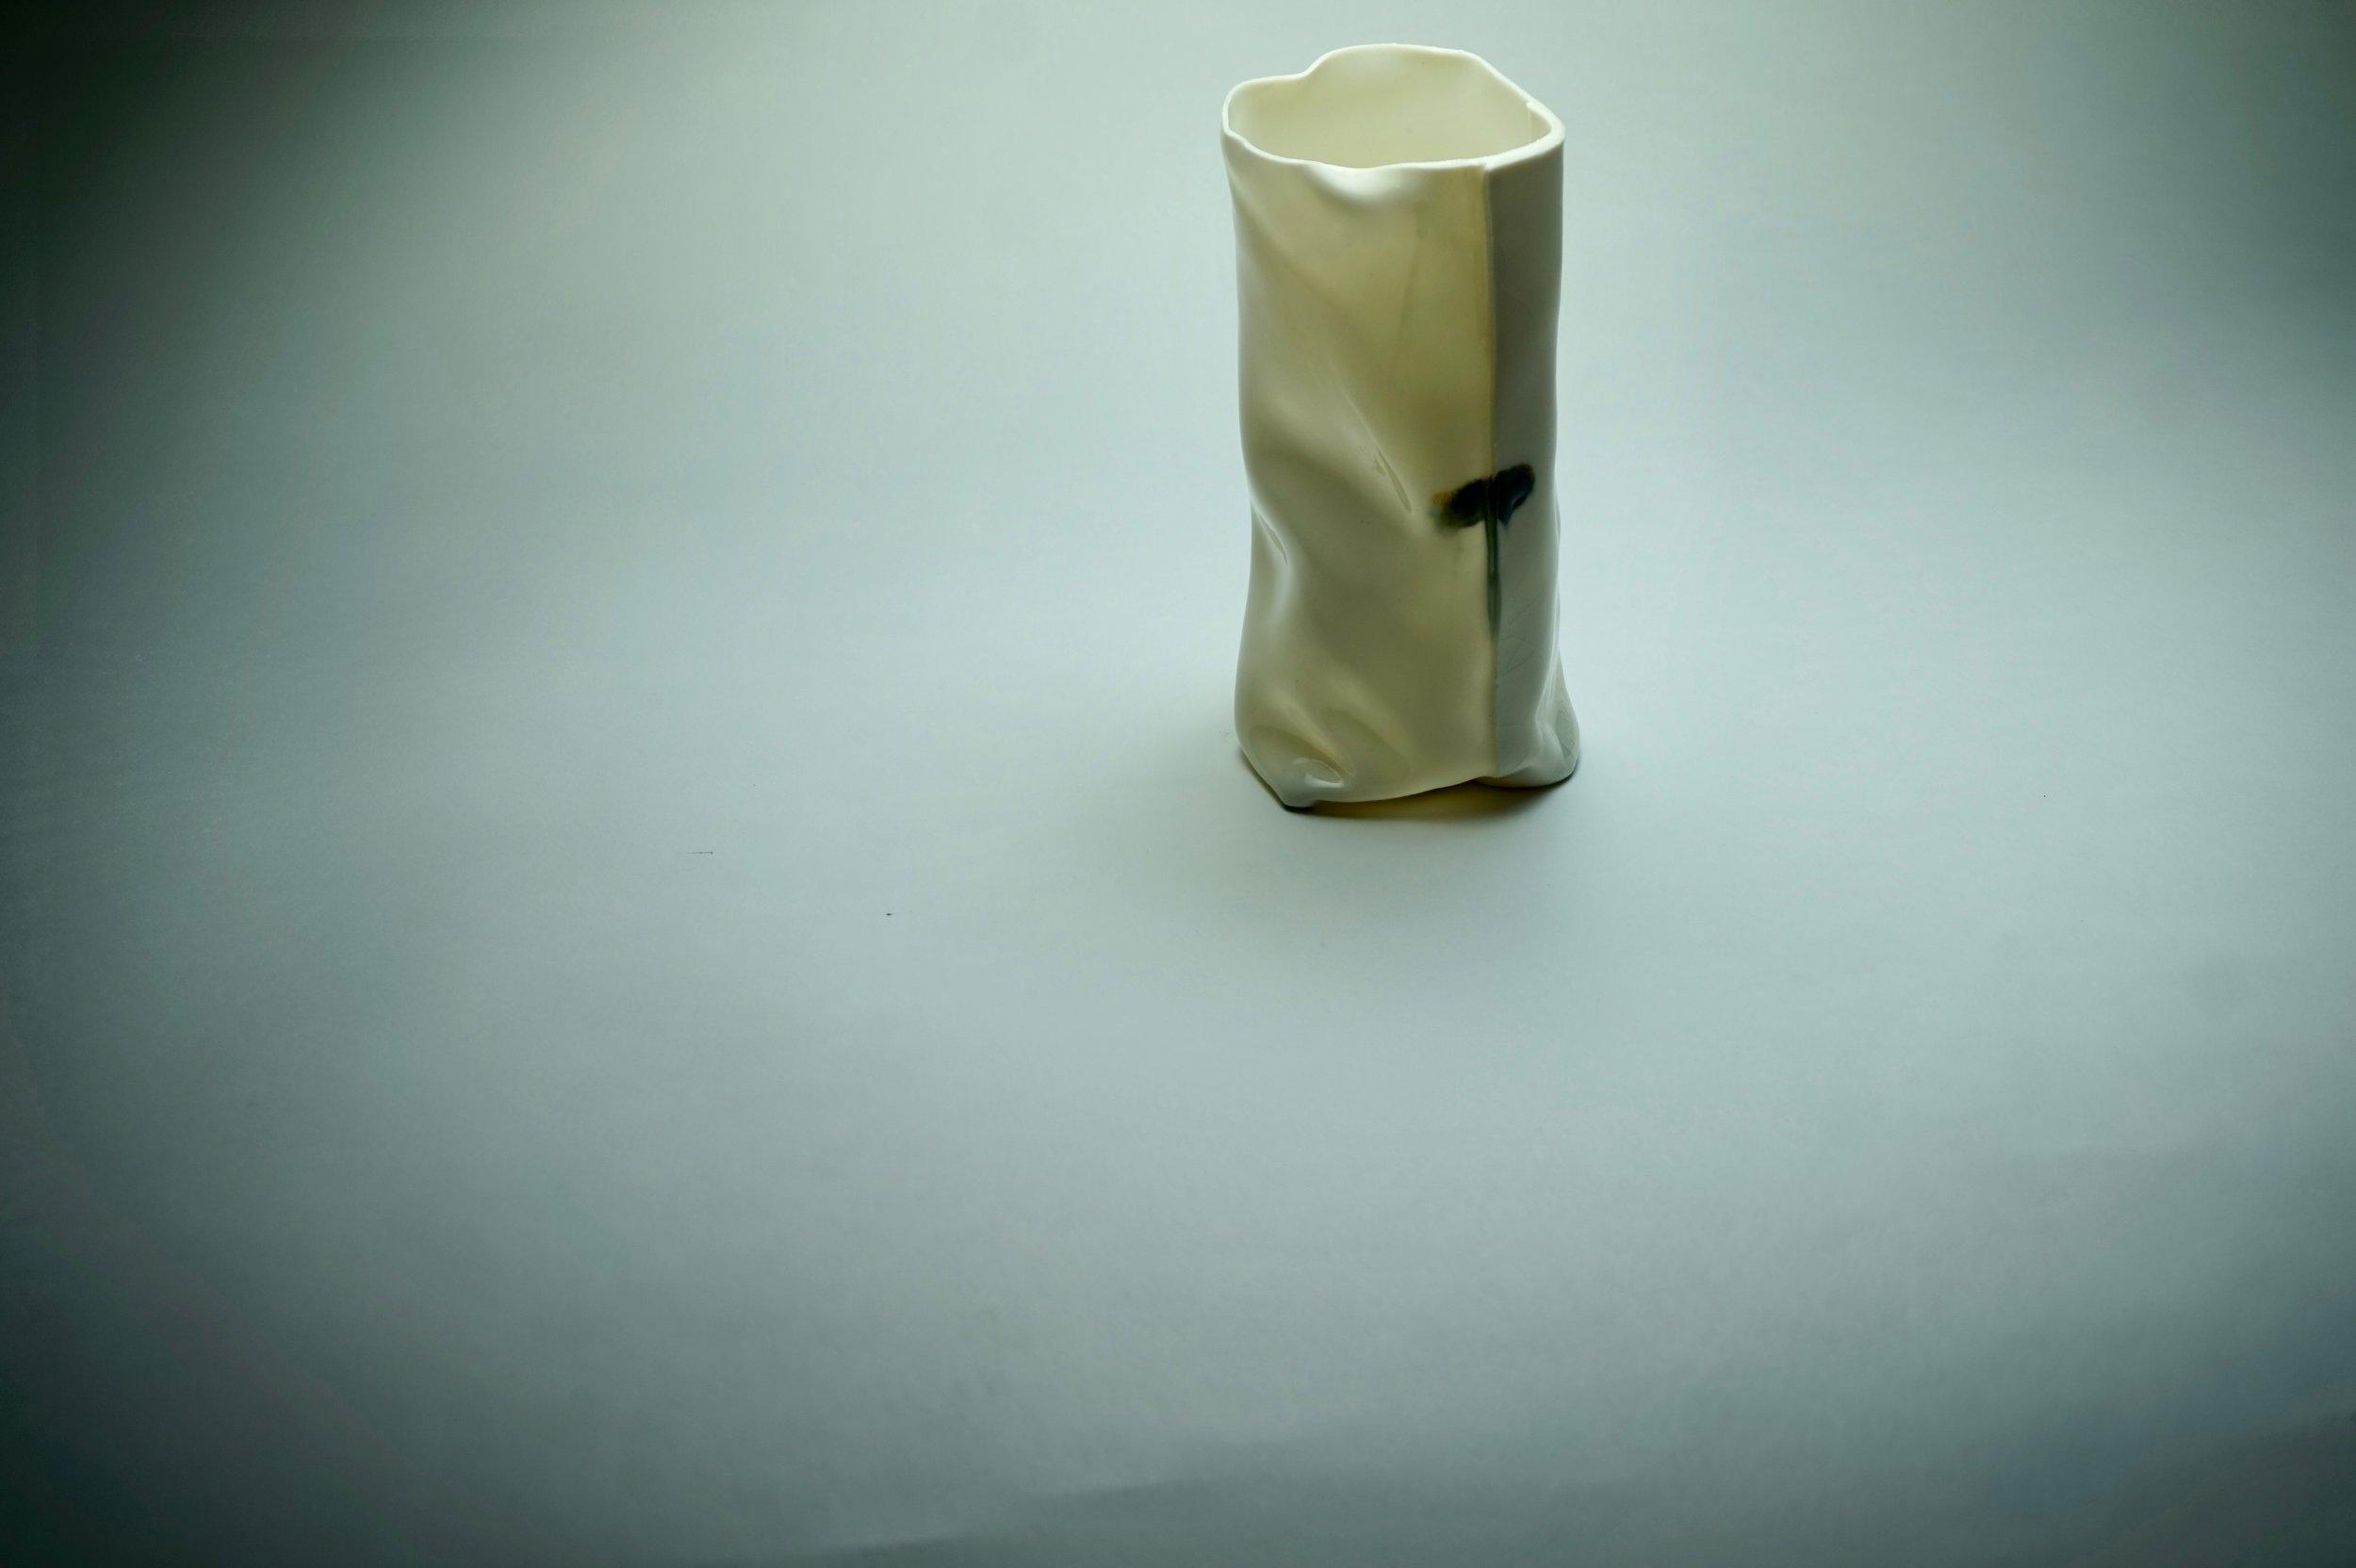 - Wrapped porcelain vessel under intense light